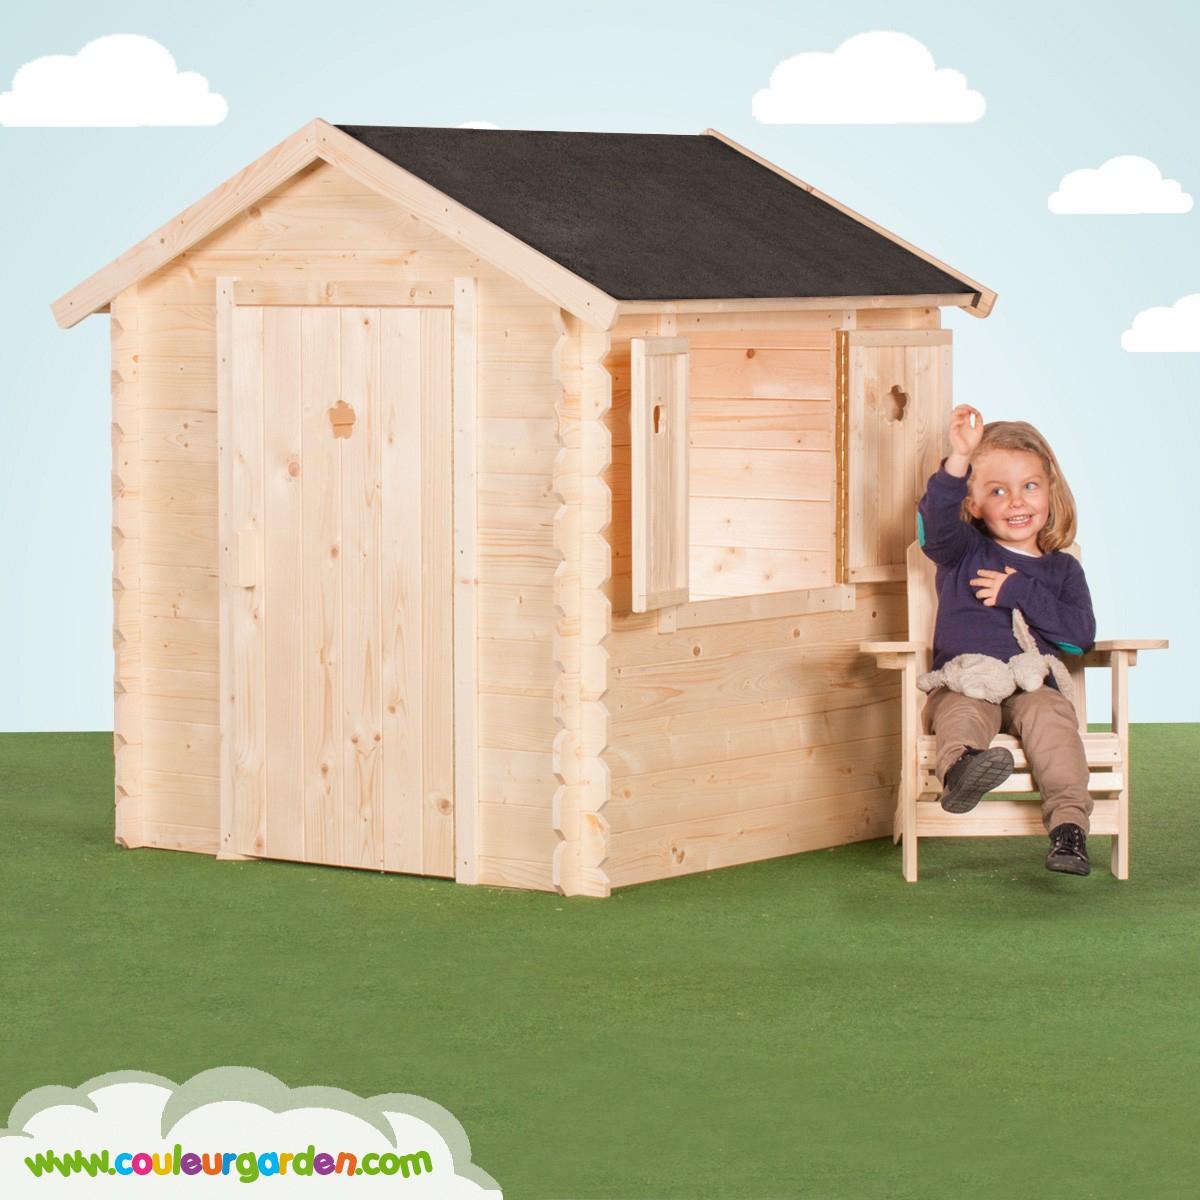 Cabane De Jardin En Bois Pas Cher Maison En Bois Pour Enfant ... avec Maisonnette Jardin Pas Cher